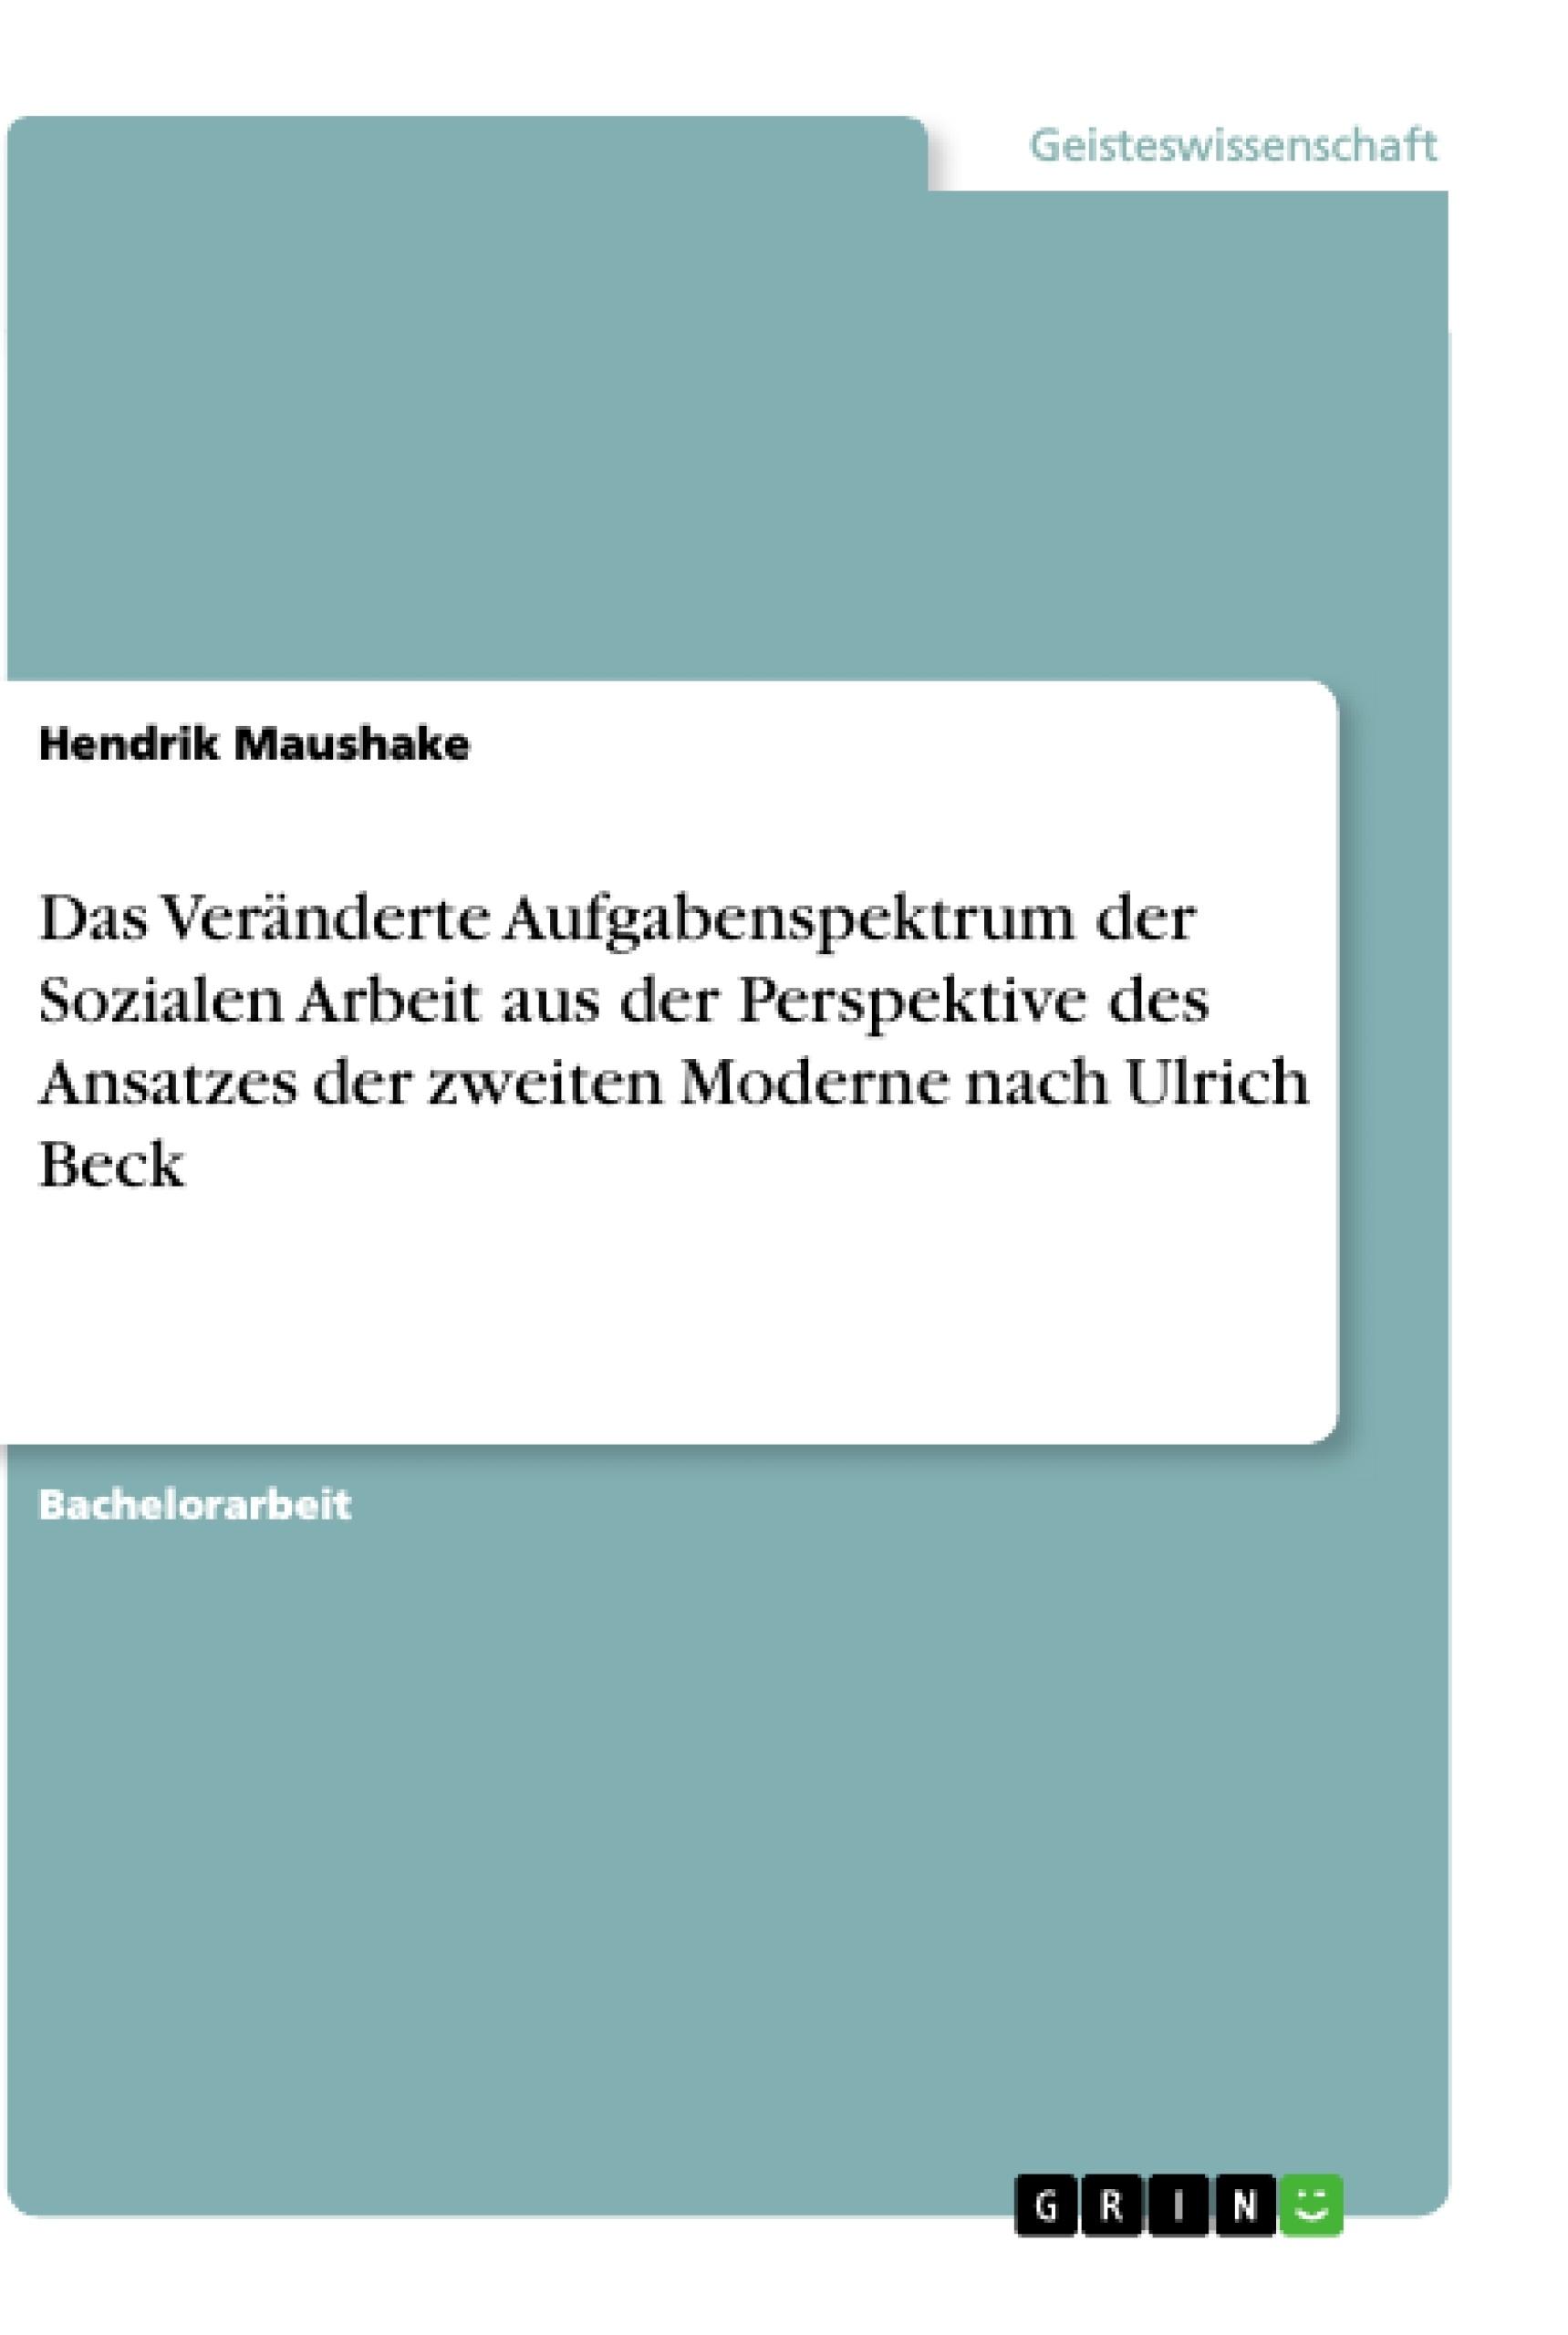 Titel: Das Veränderte Aufgabenspektrum der Sozialen Arbeit aus der Perspektive des  Ansatzes der zweiten Moderne nach Ulrich Beck